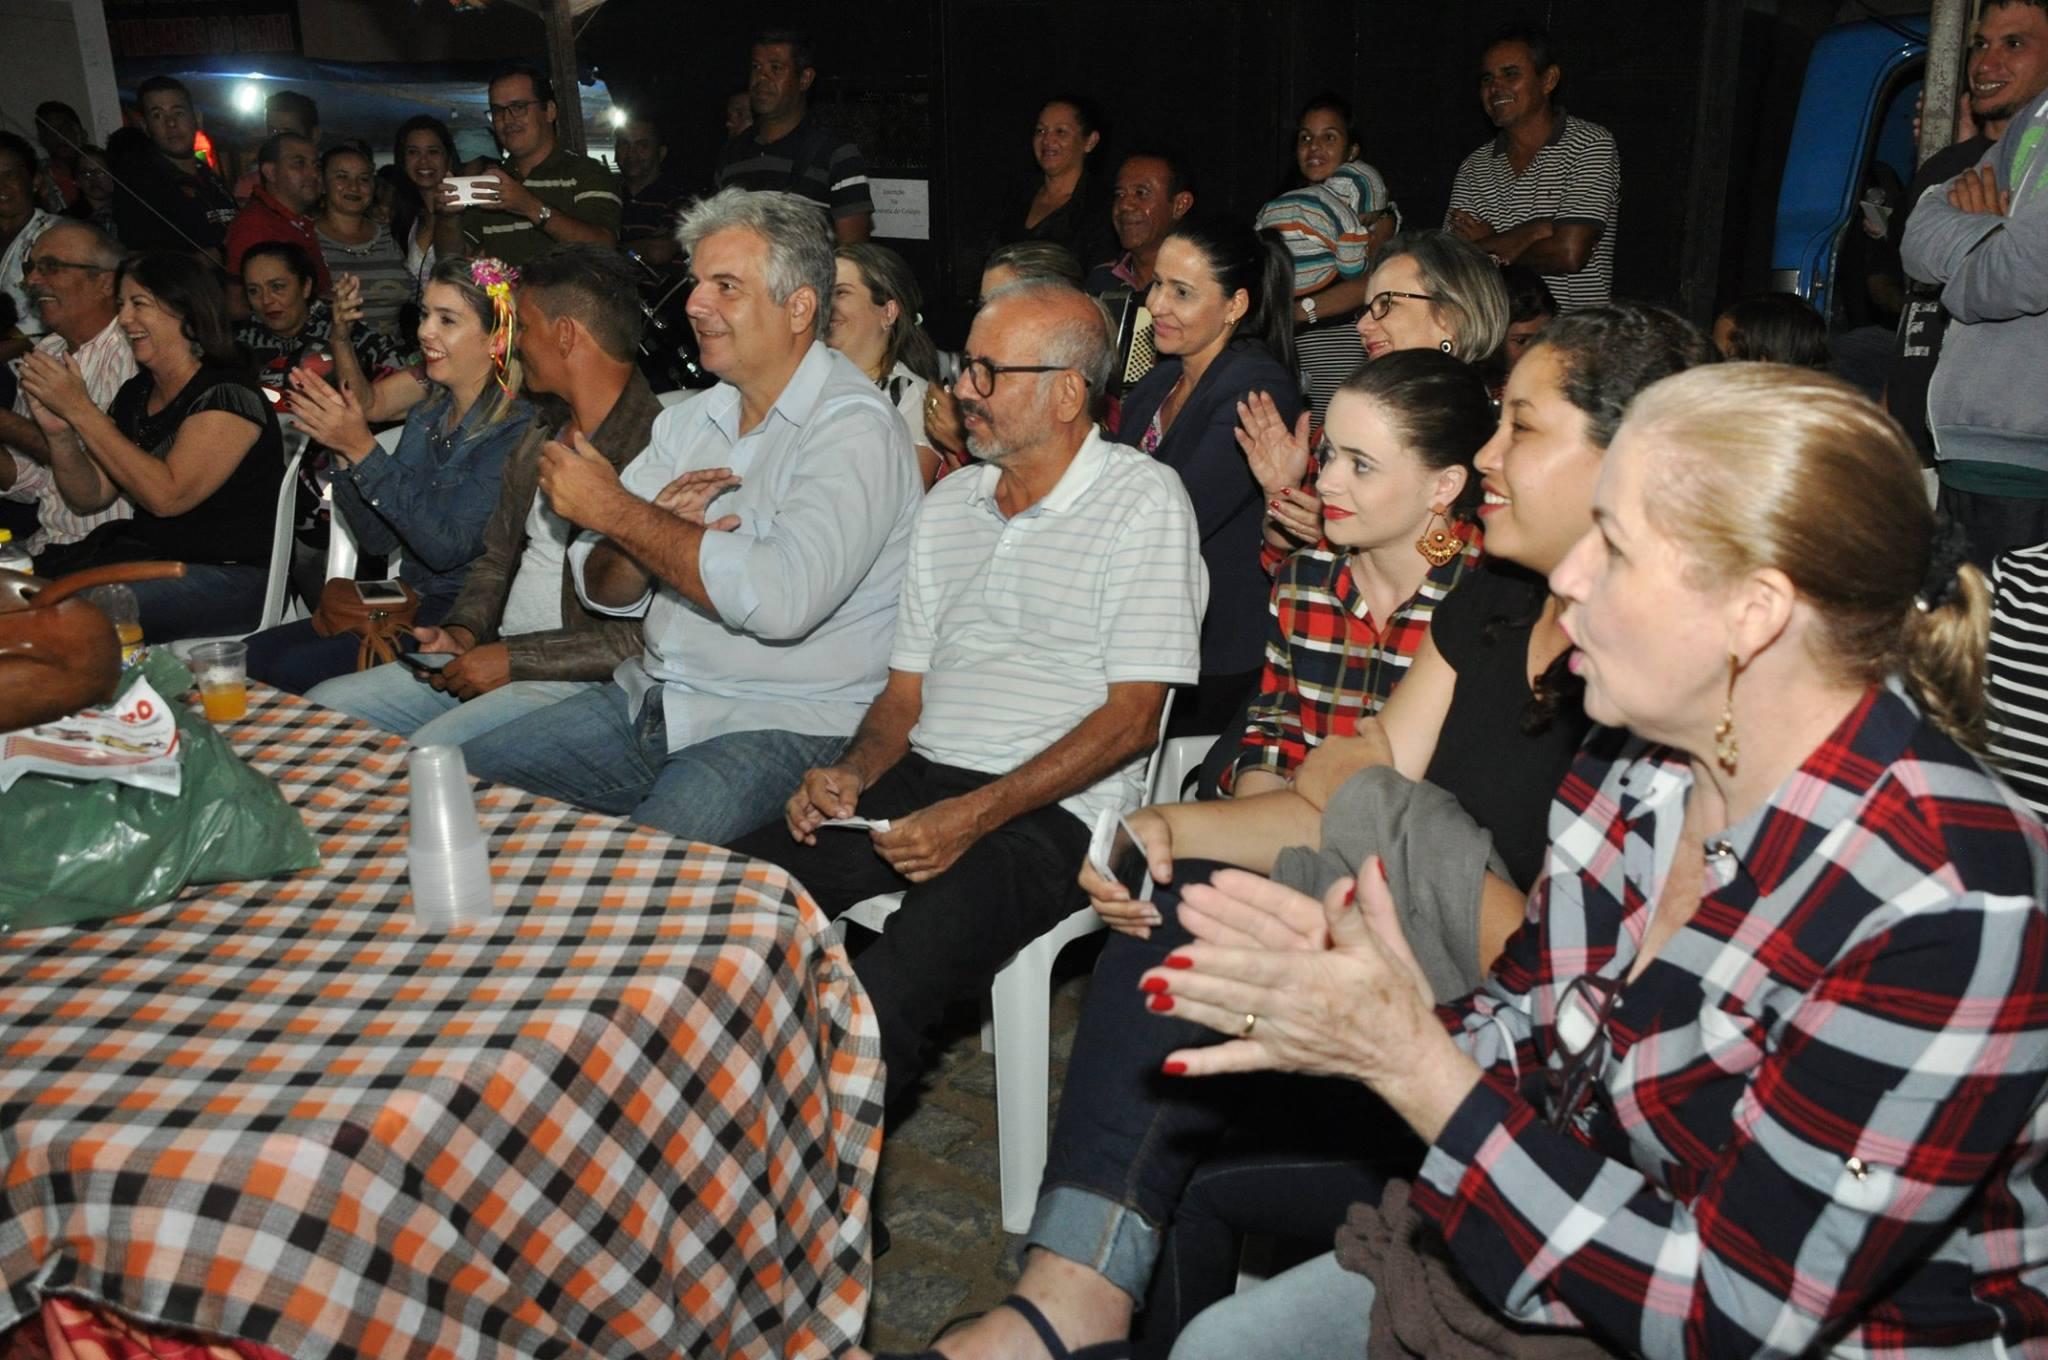 19221540_1899328280340362_4222923499971460330_o-1024x680 OPIPOCO mostra como foi a Segunda noite do festival de quadrilhas em Monteiro. Confira Imagens